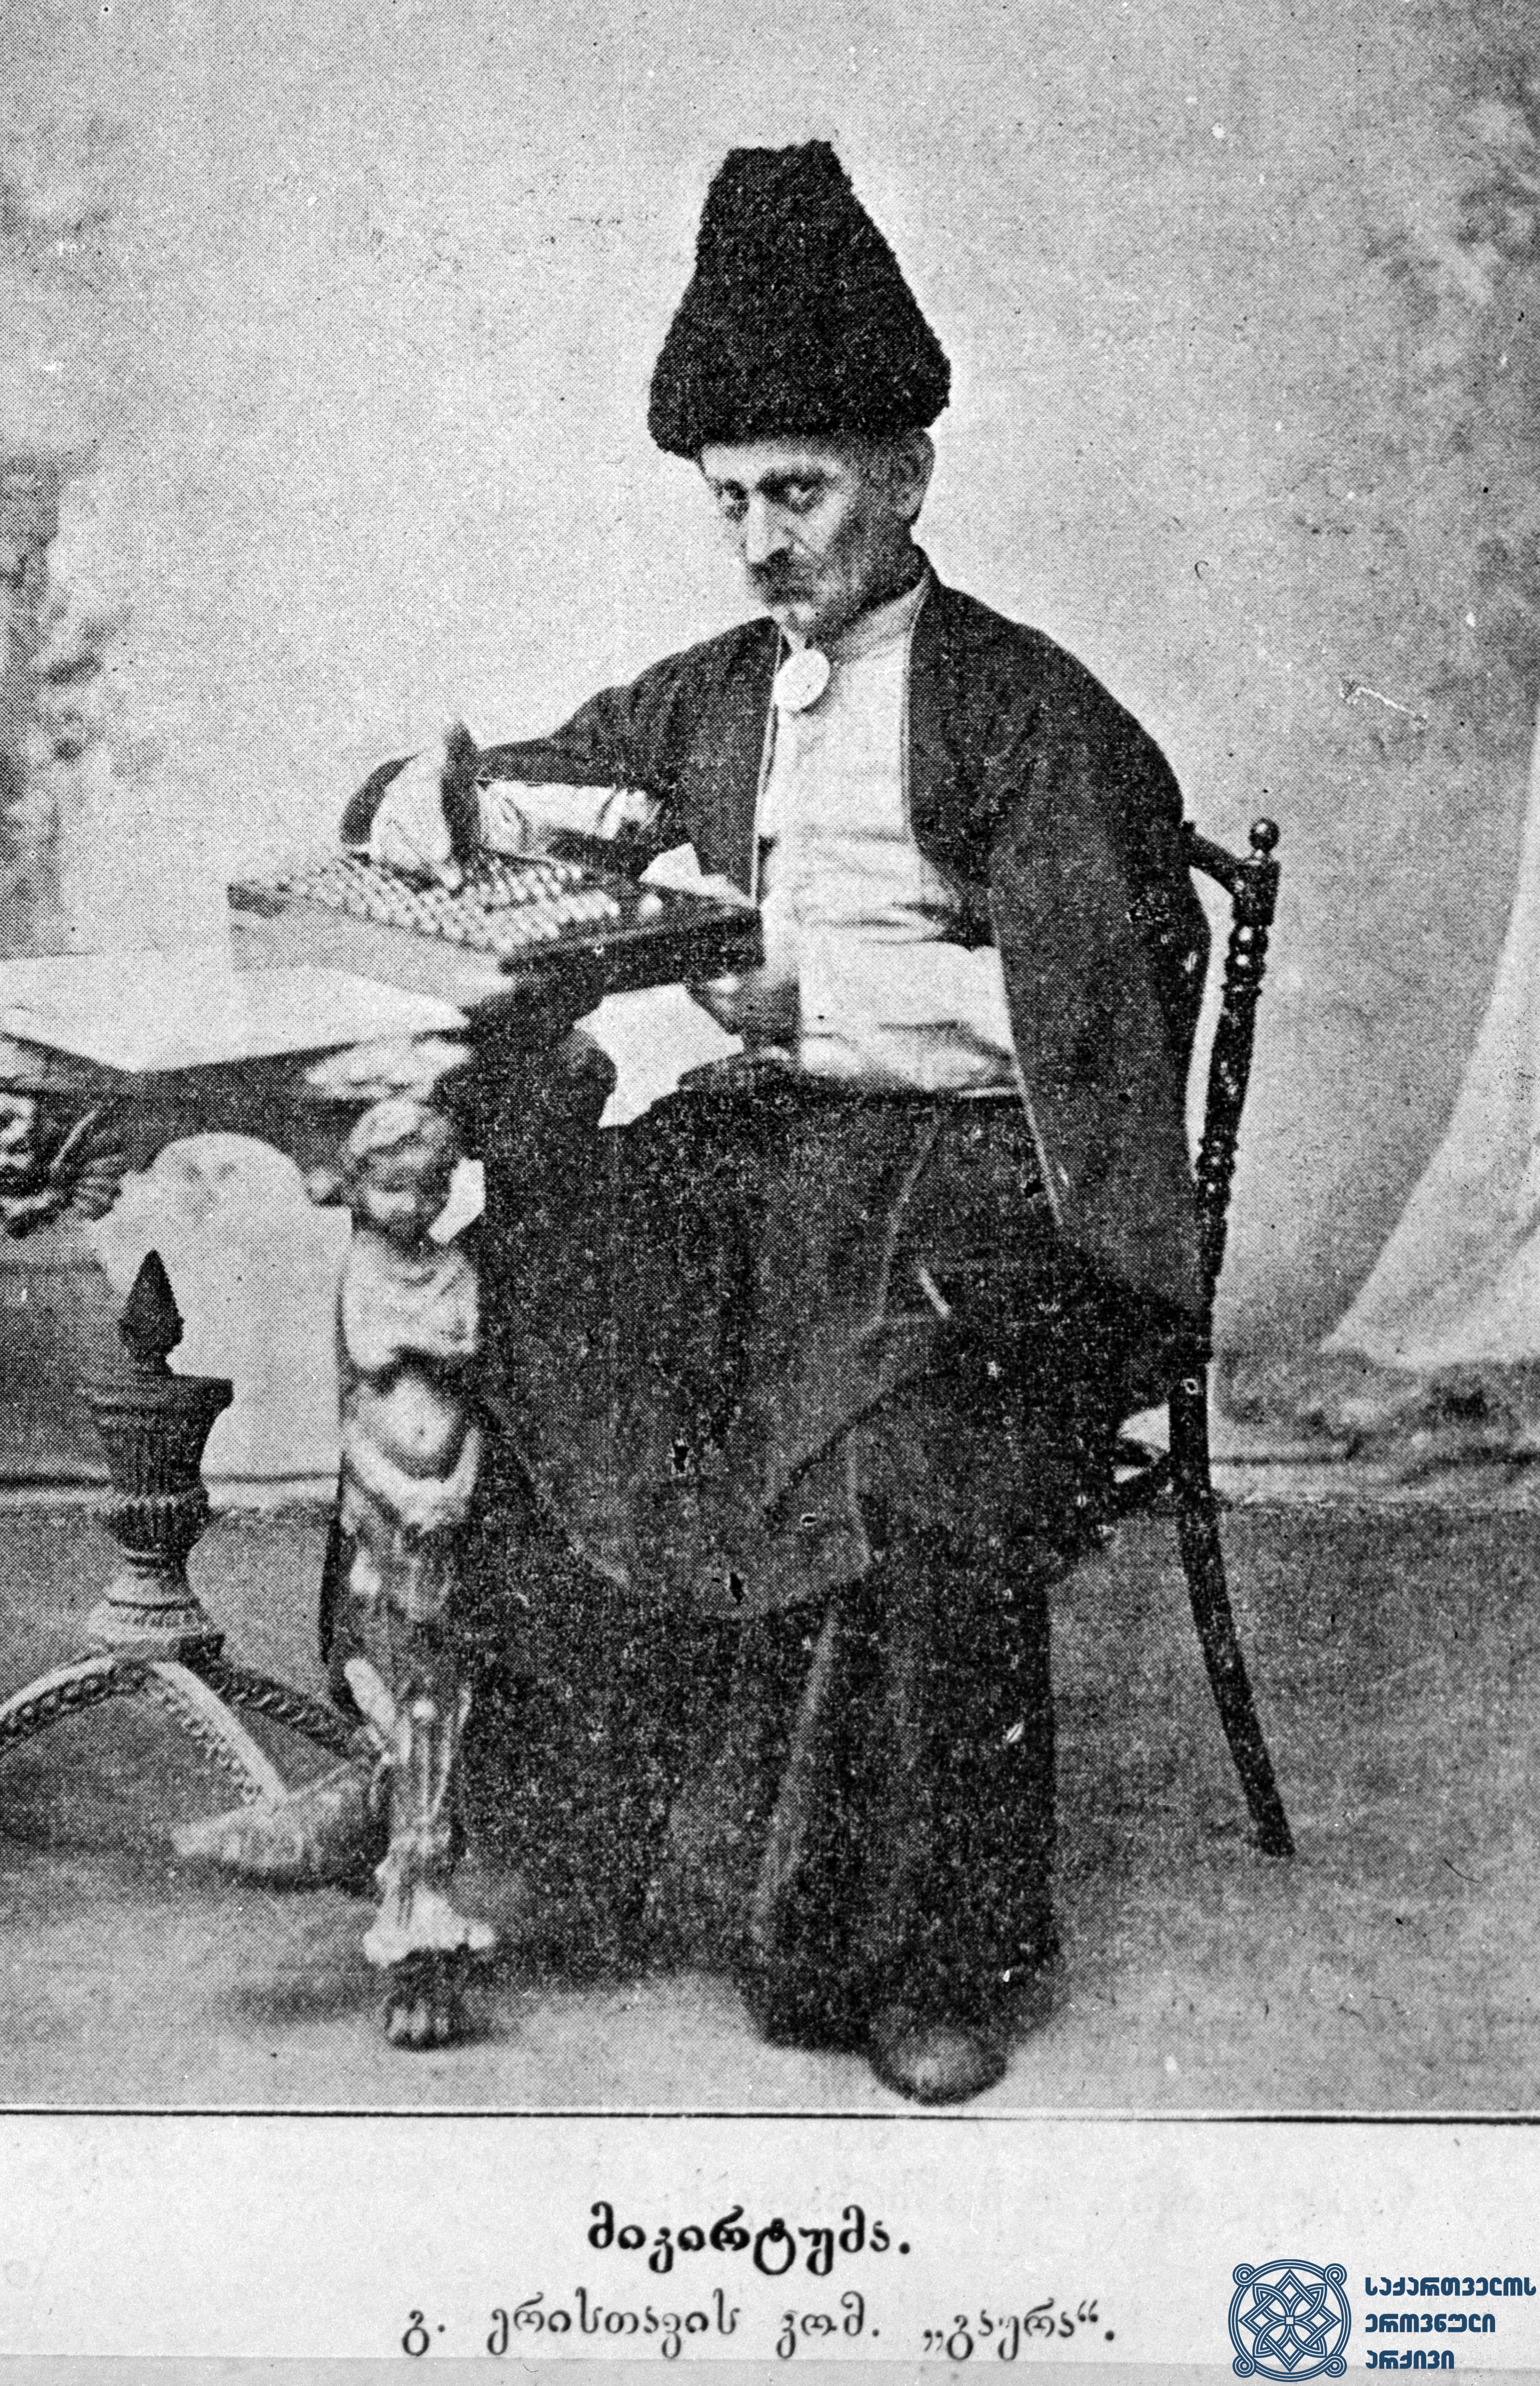 """სპექტაკლი """"გაყრა"""". მიკირტუმა – ვასო აბაშიძე. <br>    1902 წელი.<br> The Performance """"Gakra"""" (""""Separation""""). Vaso Abashidze as Mikirtuma.<br> 1902."""